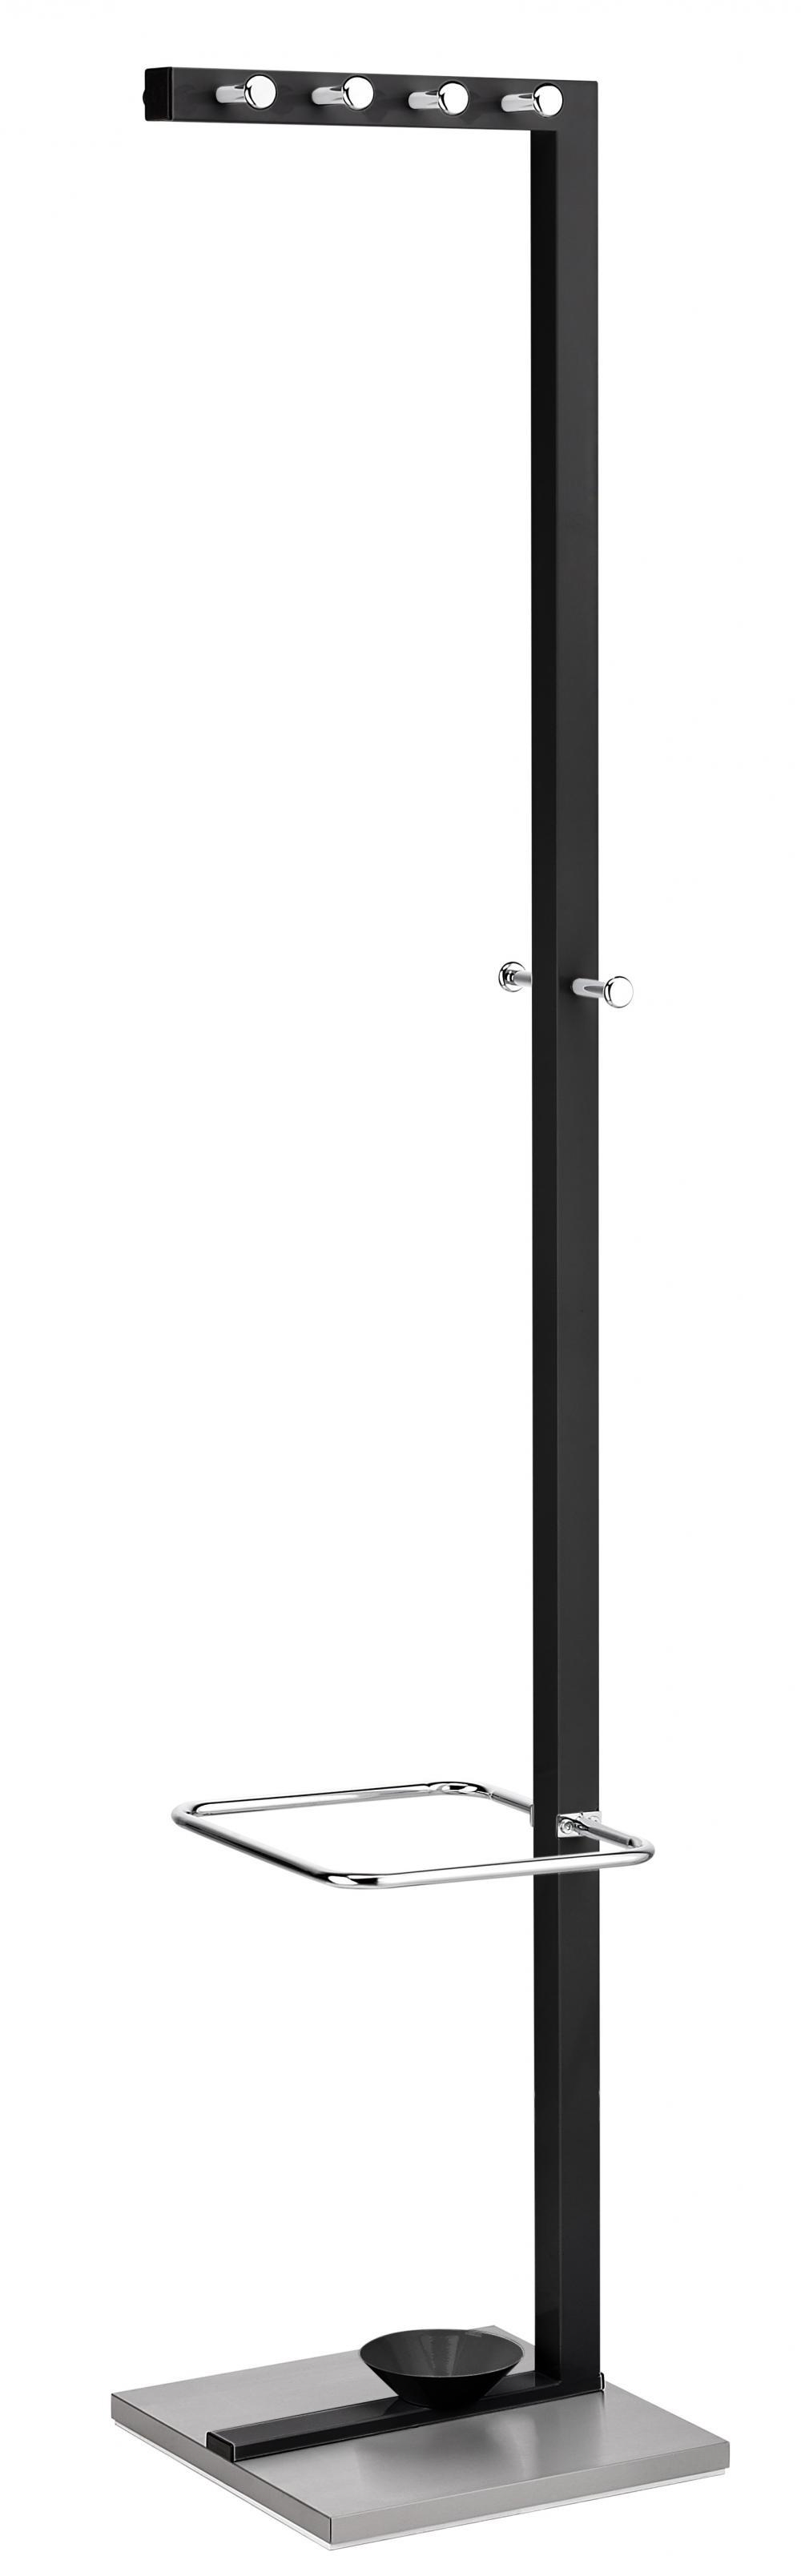 Cuier Metalic Alco Design  Cu 10 Agatatori Cromate  Suport Umbrele - Negru/stainless Steel